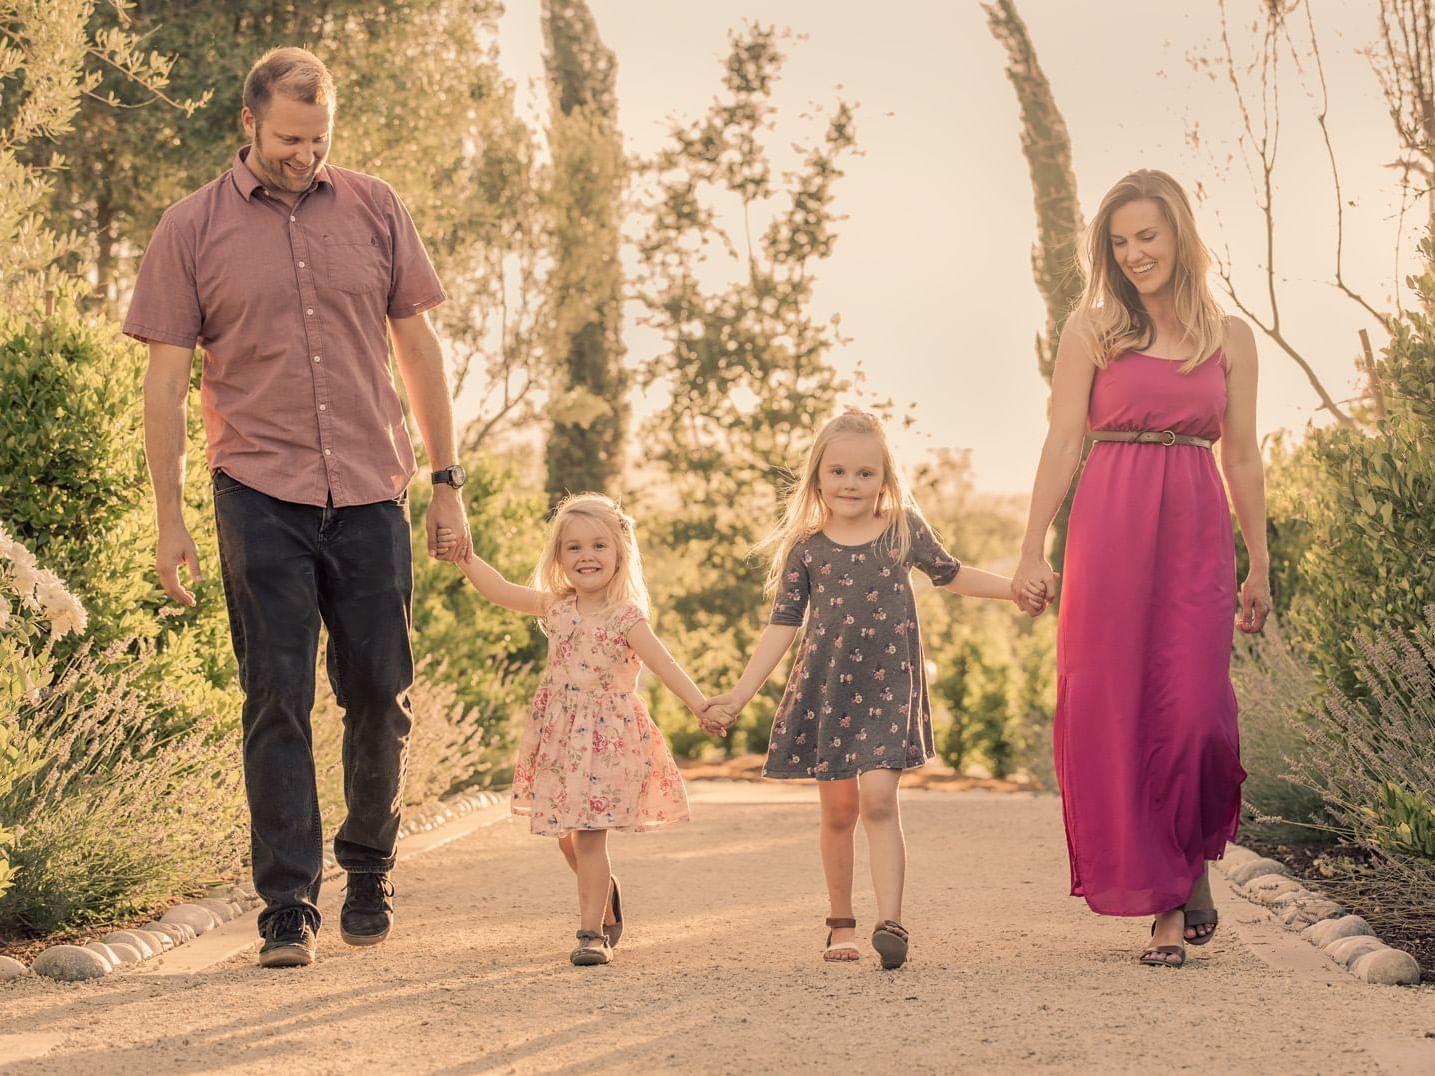 Family of 4 walking through garden